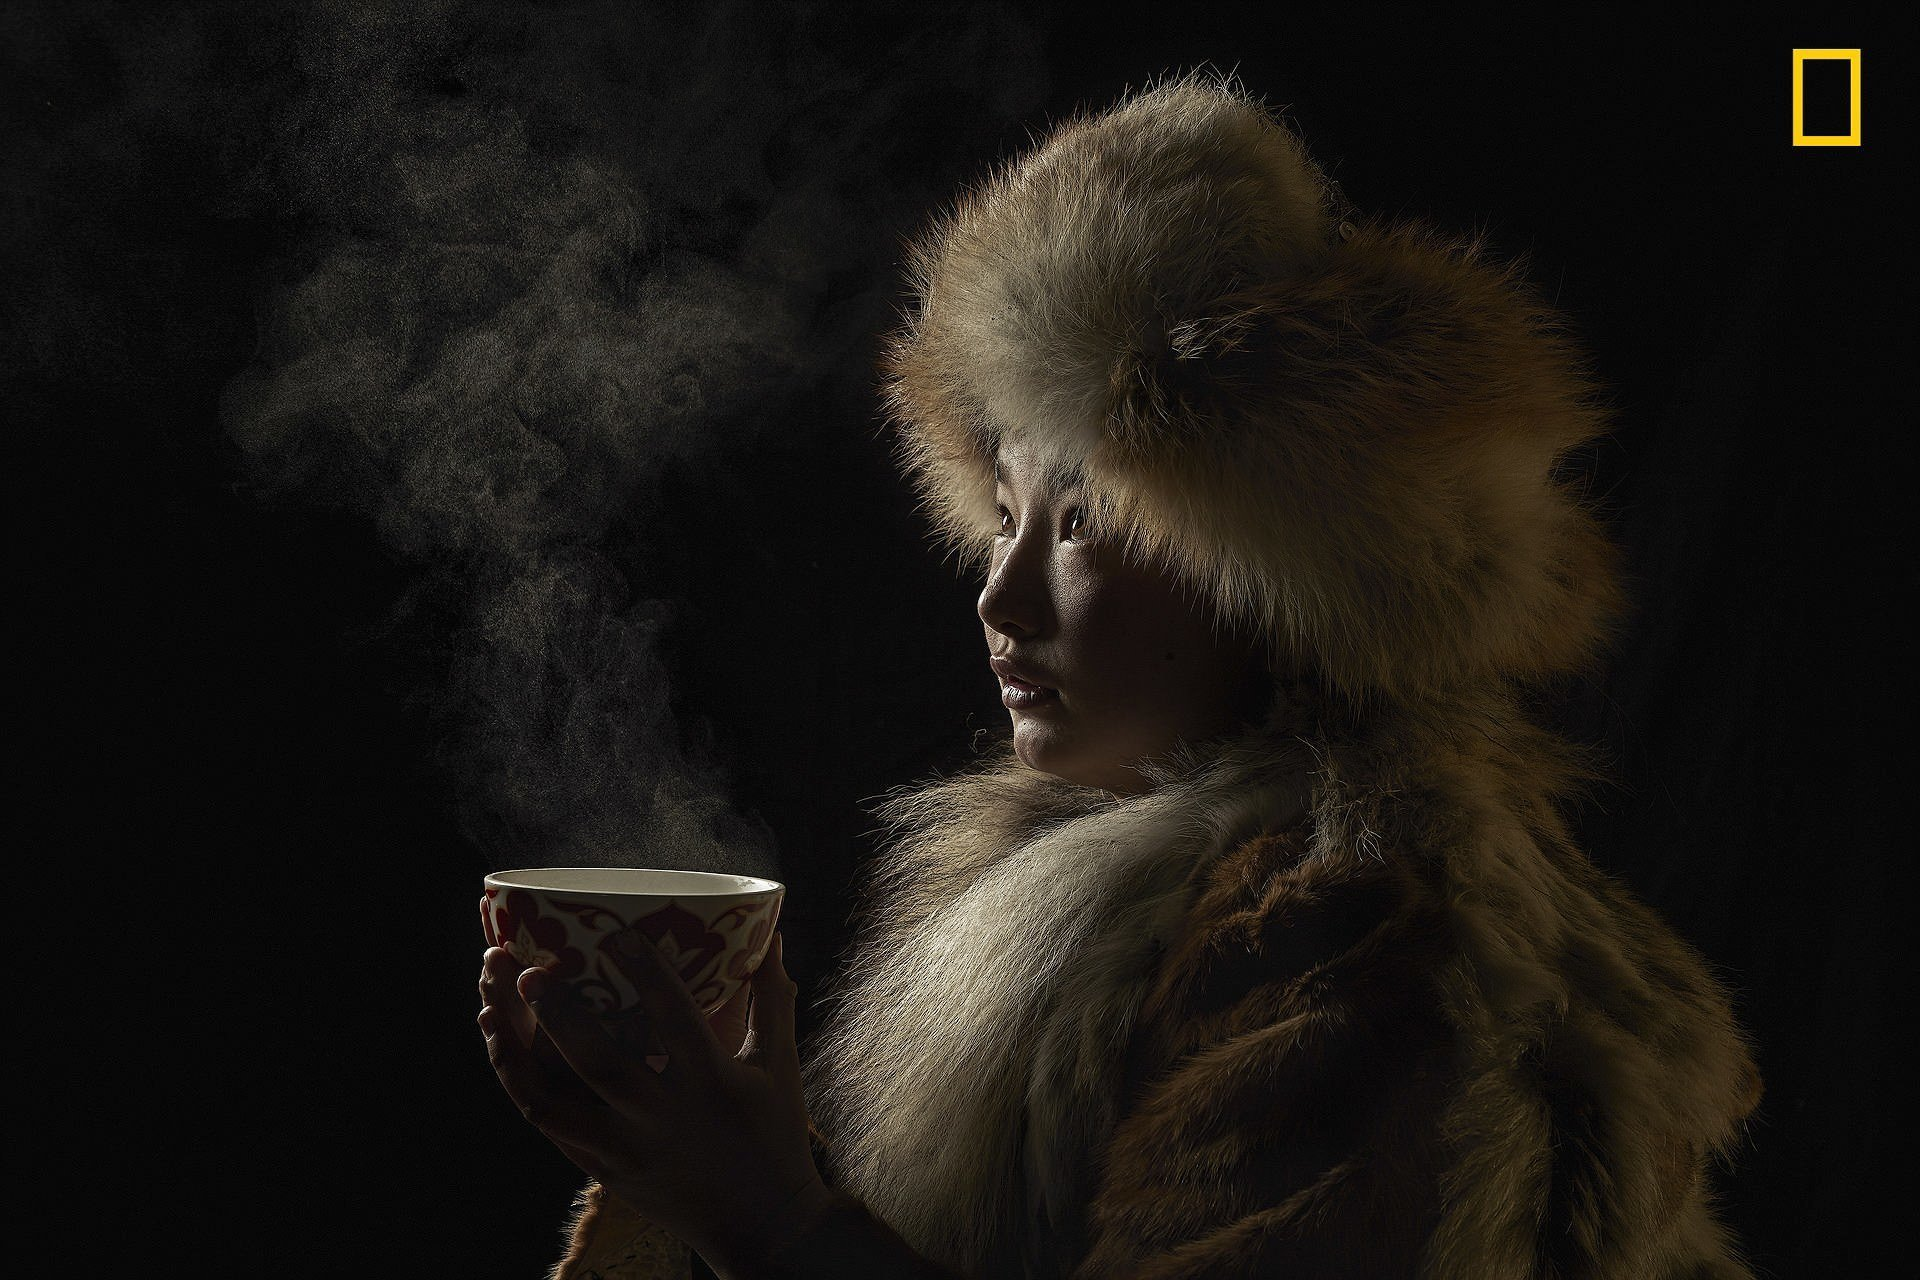 """Фото: Alessandra Meniconzi. Западная Монголия. Первое место в категории """"люди"""" National Geographic Traveler, national geograhic, лучшие фотографии, победители, победители конкурса, фотографии года, фотоконкурс"""